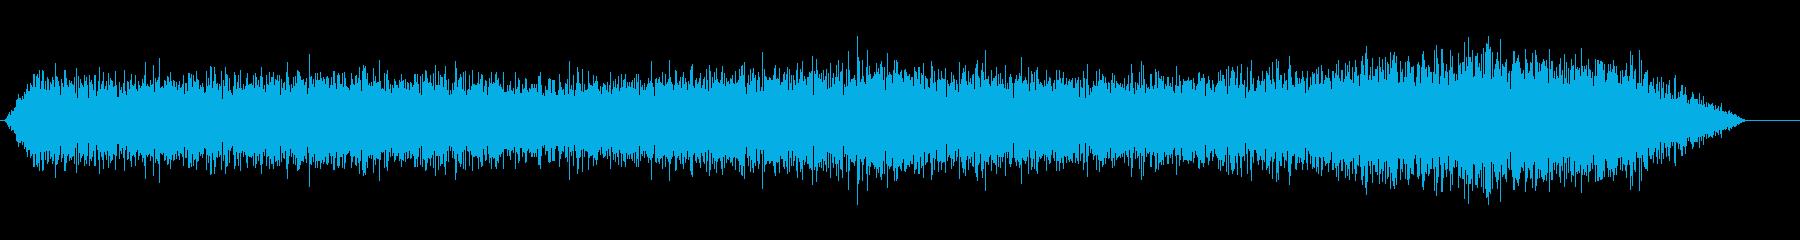 悪魔のドローンの再生済みの波形